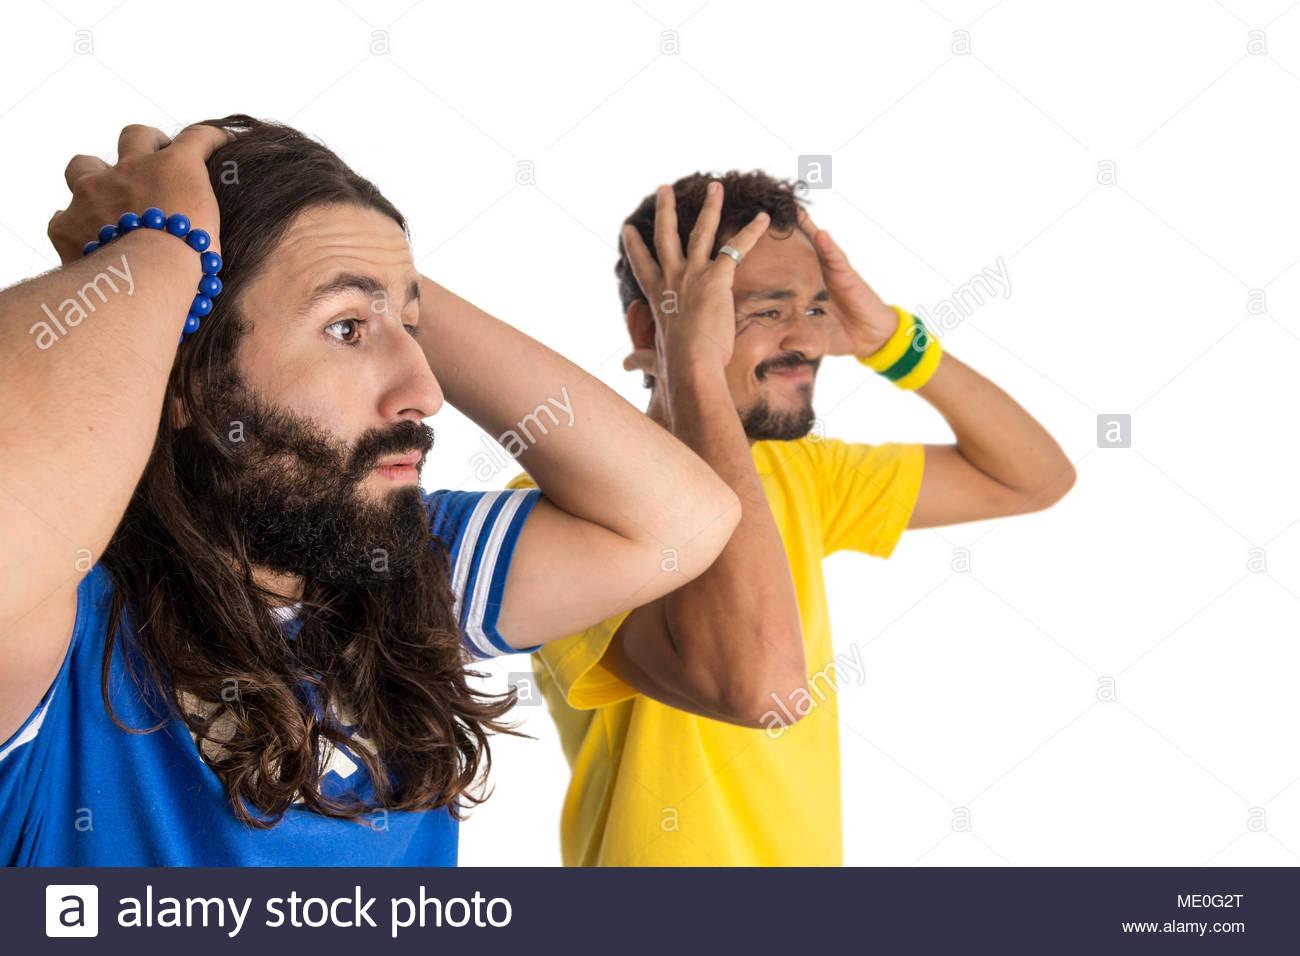 Besorgt, Foul. Brasilien Unterstützer. Zwei brasilianischen Freunde feiern auf Soccer/Football Match auf weißem Hintergrund. Brasilien Farben. Stockbild